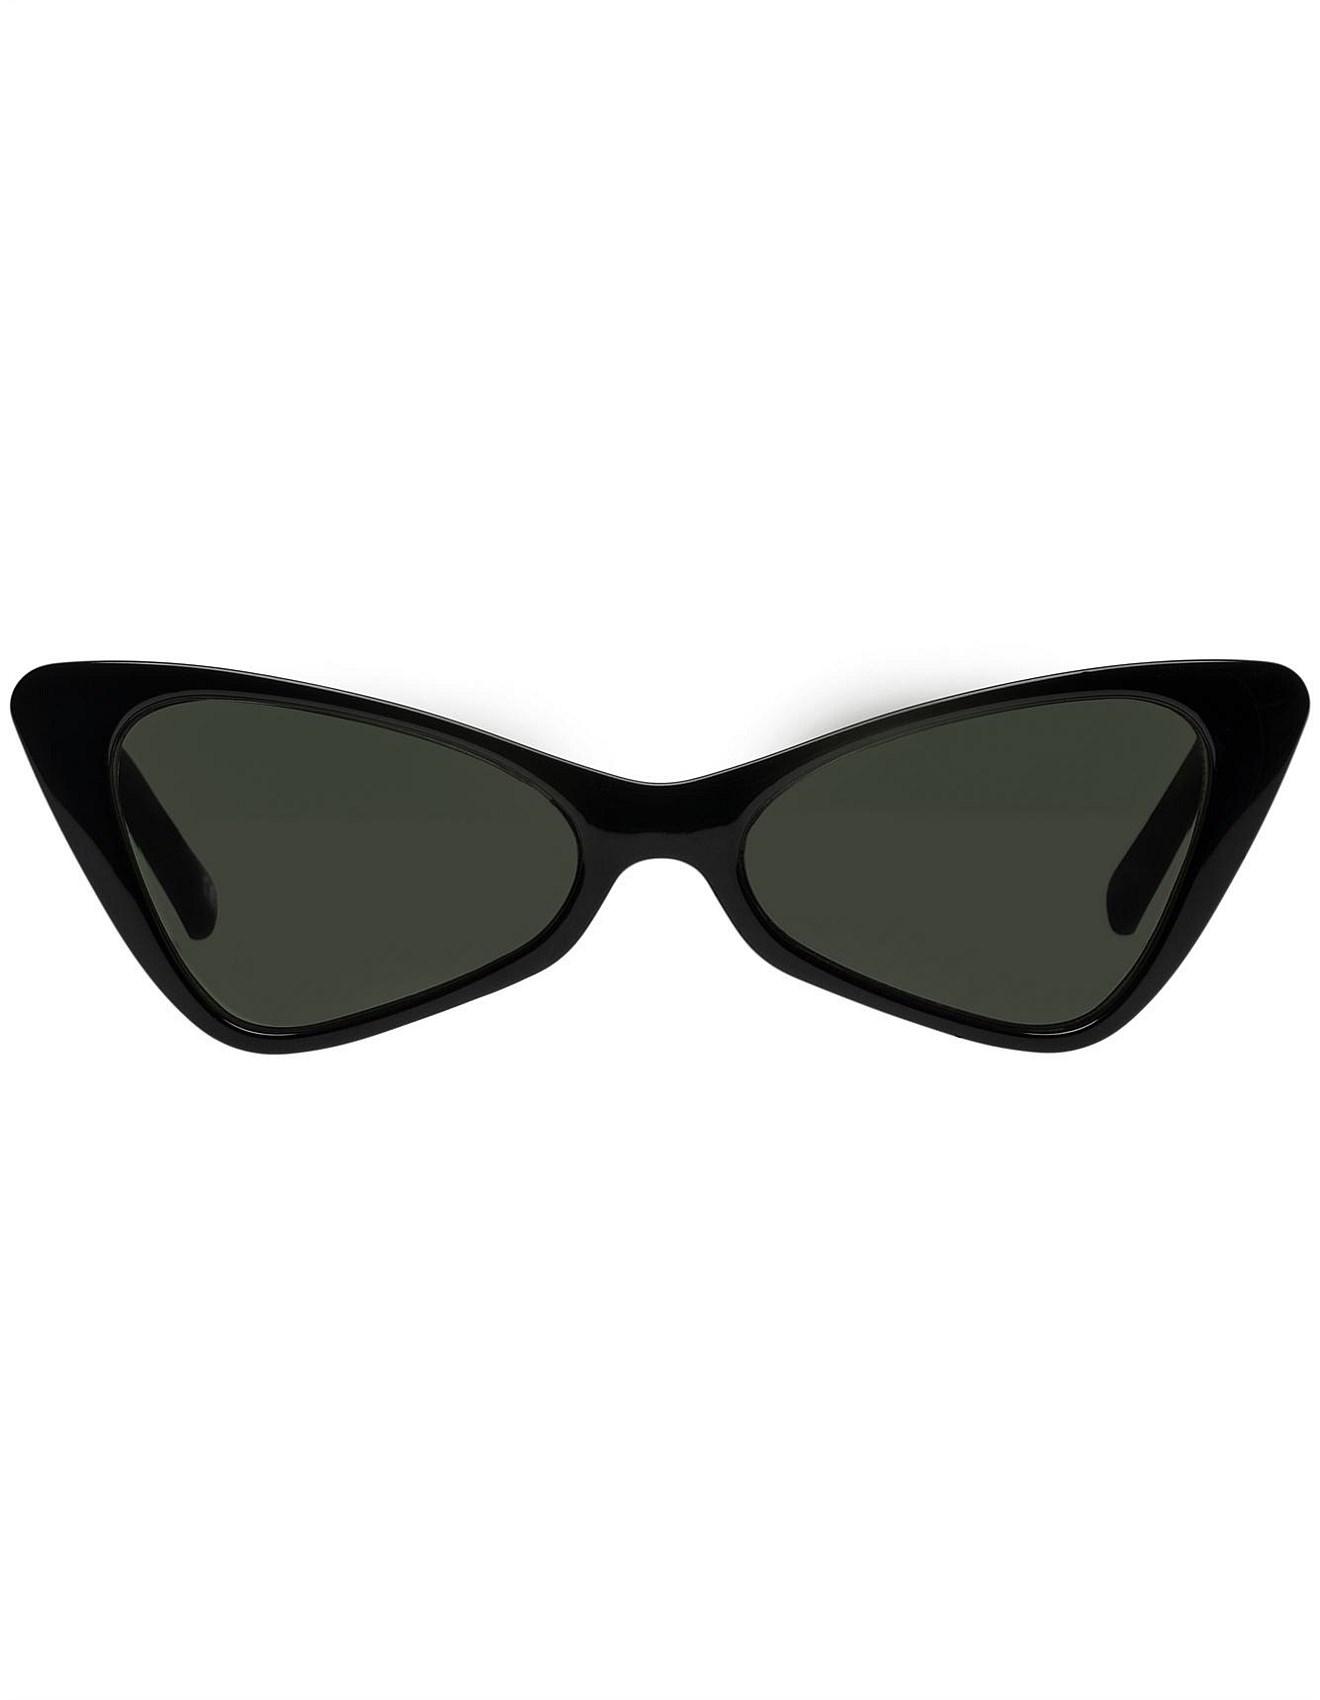 b44a378b693f Sunglasses - On The Hunt Sunglasses